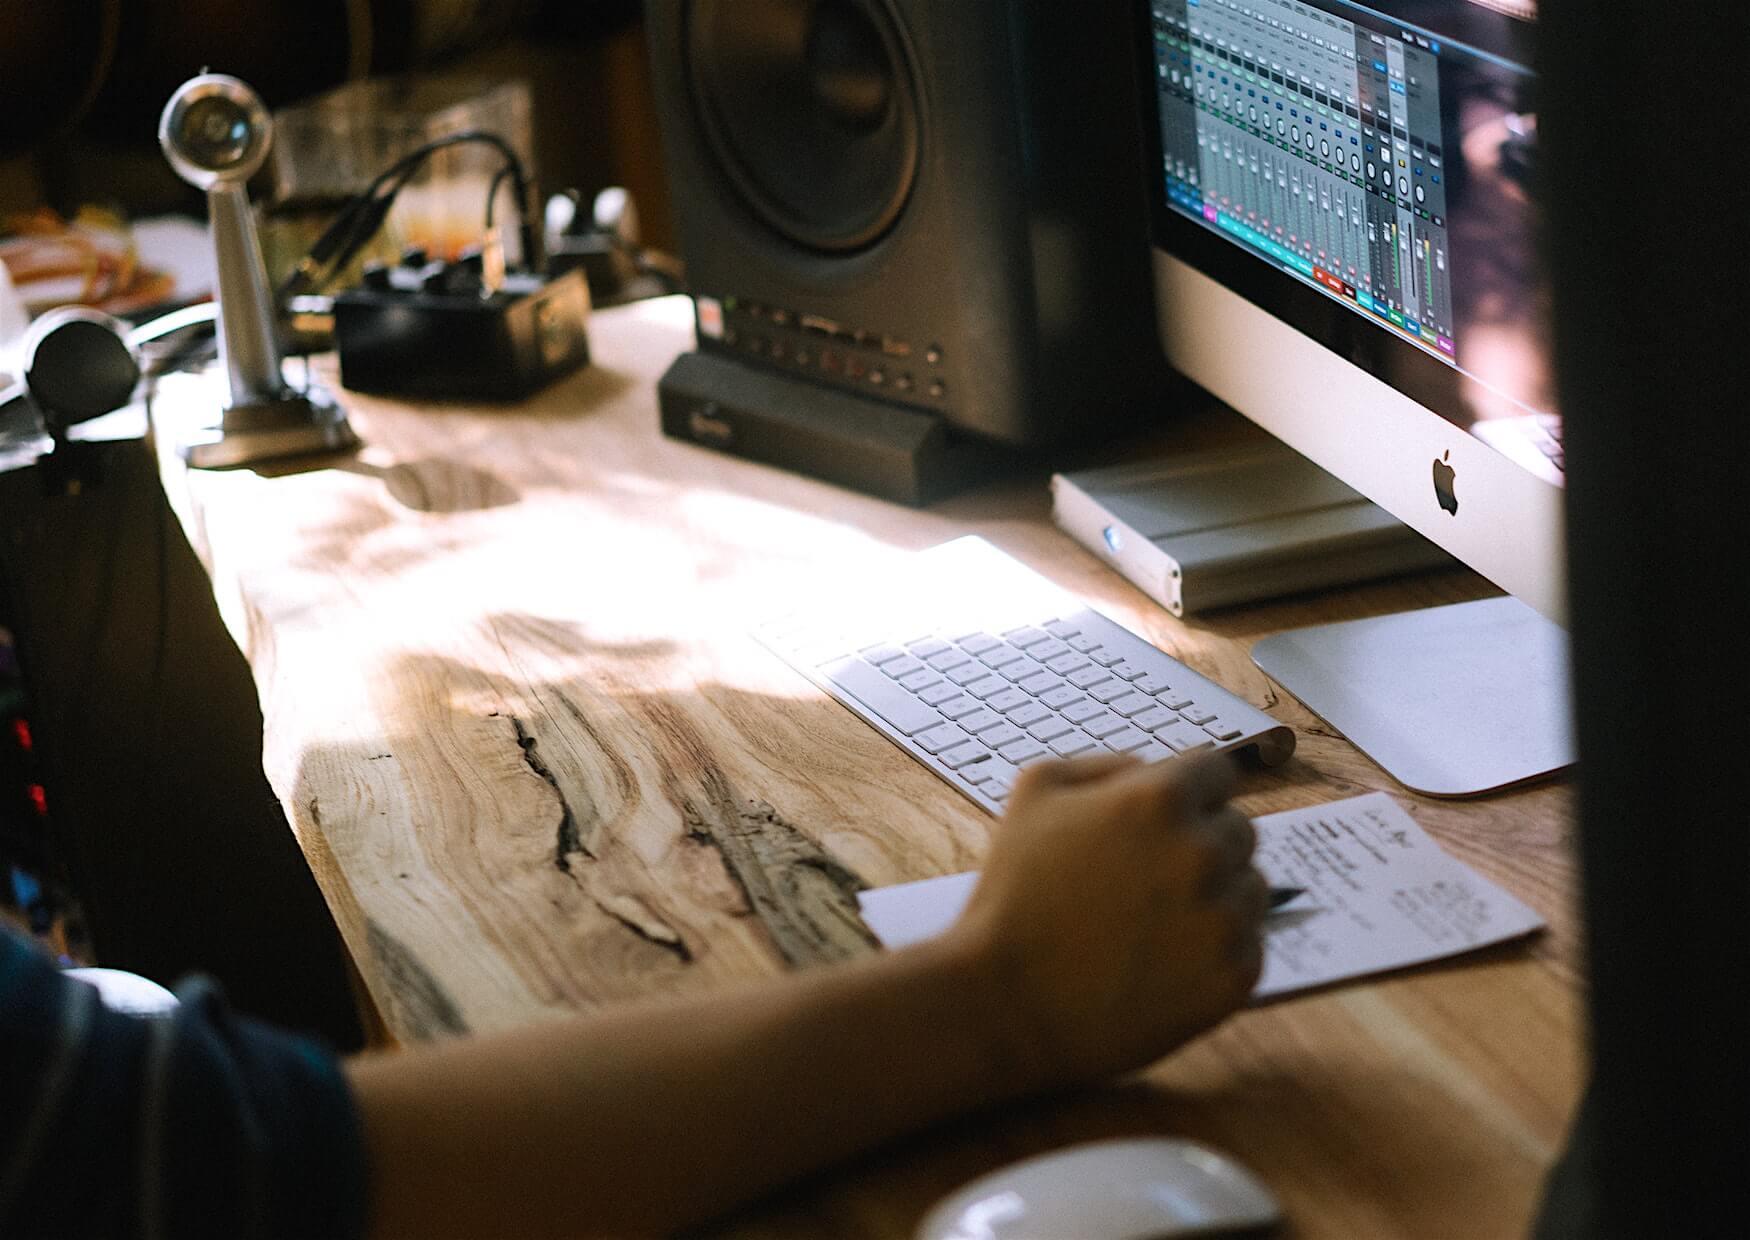 Где взять аудиосемплы для ваших проектов: подборка из девяти тематических ресурсов - 1